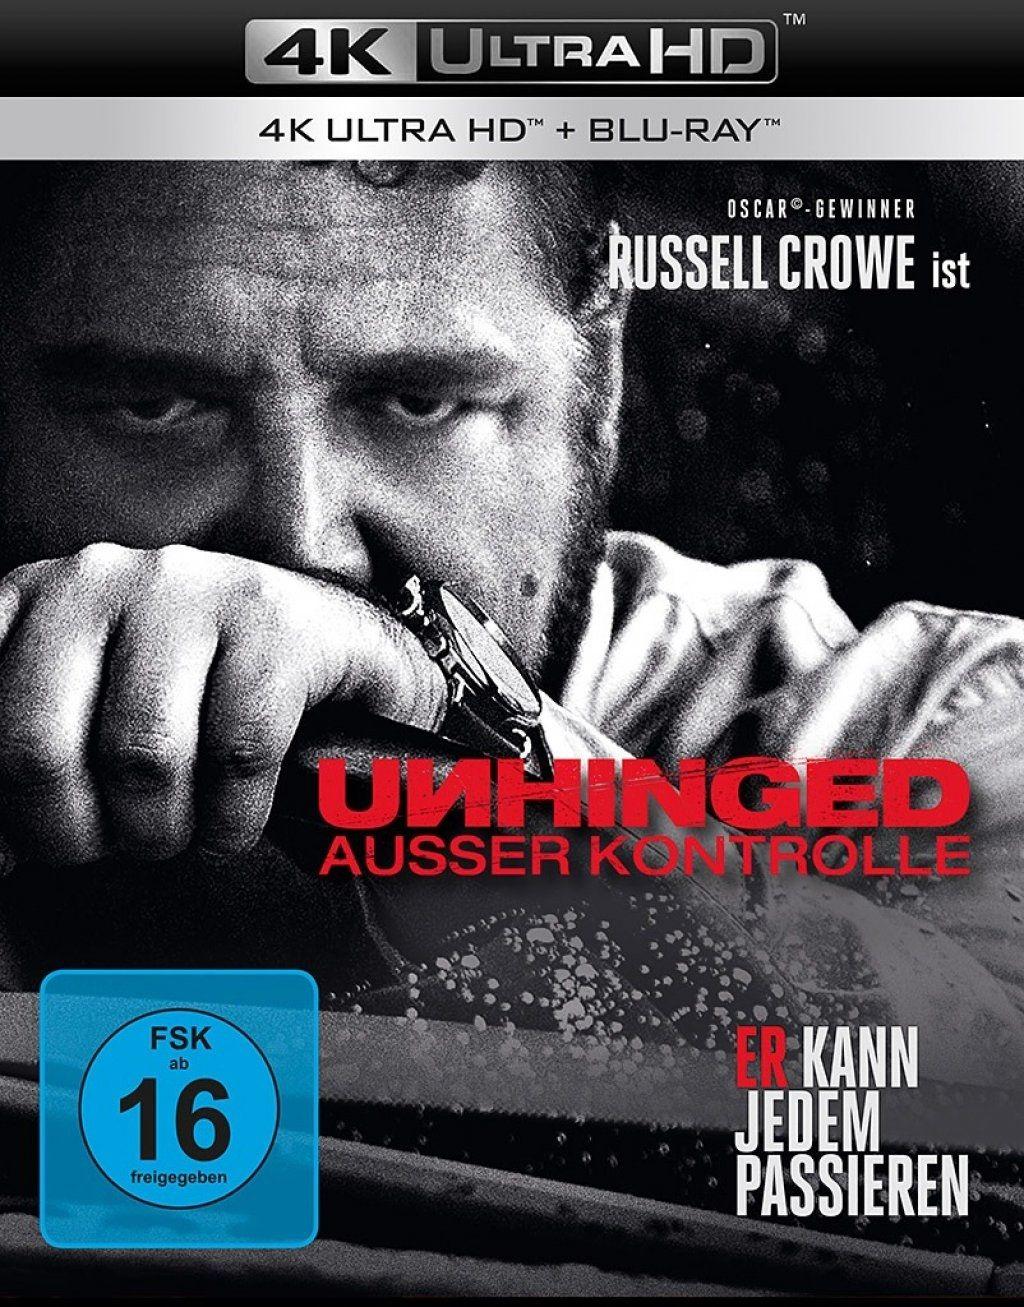 Unhinged - Ausser Kontrolle (2 Discs) (UHD BLURAY + BLURAY)